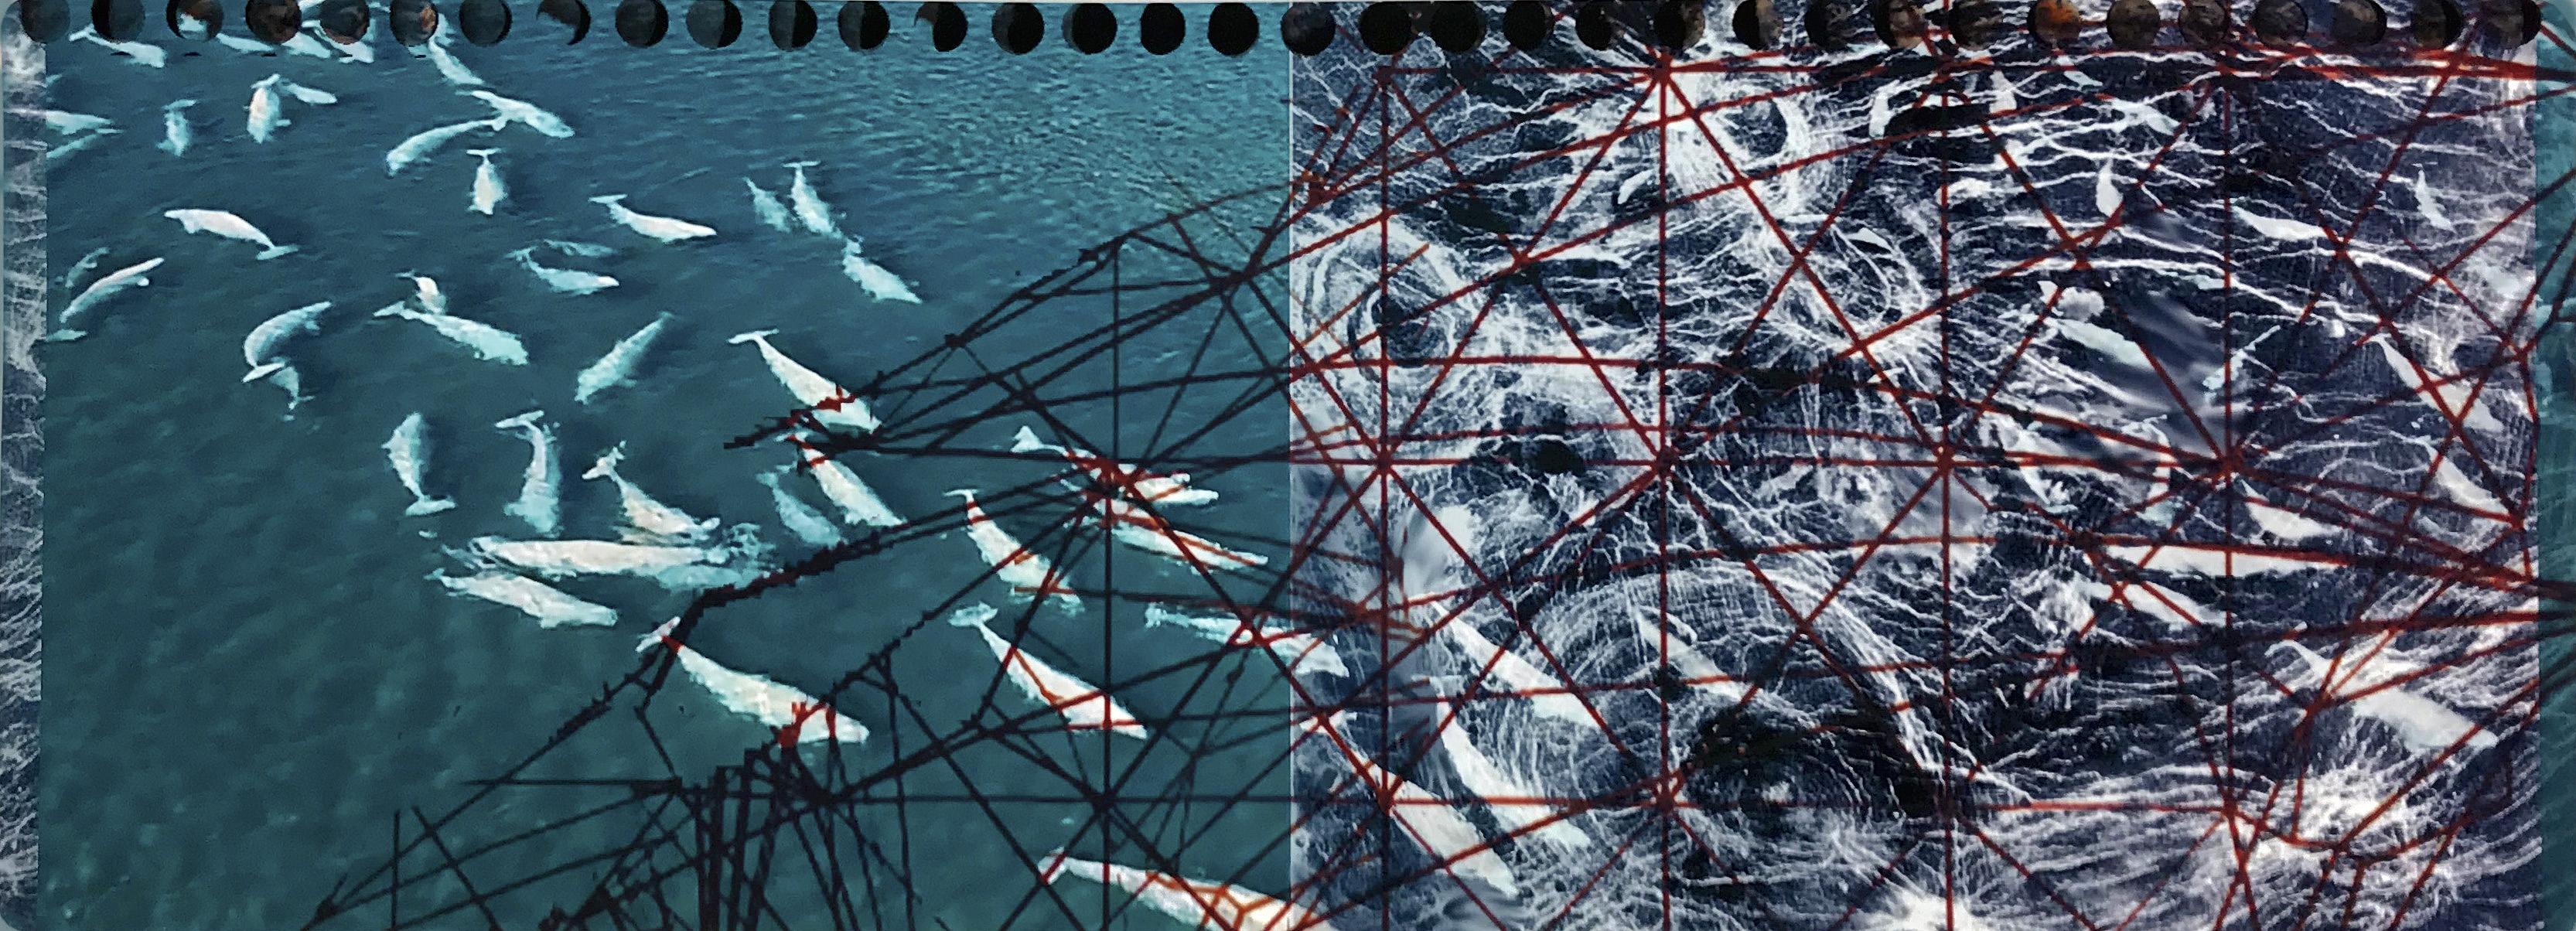 Cornell   Anthropocene - Entanglement